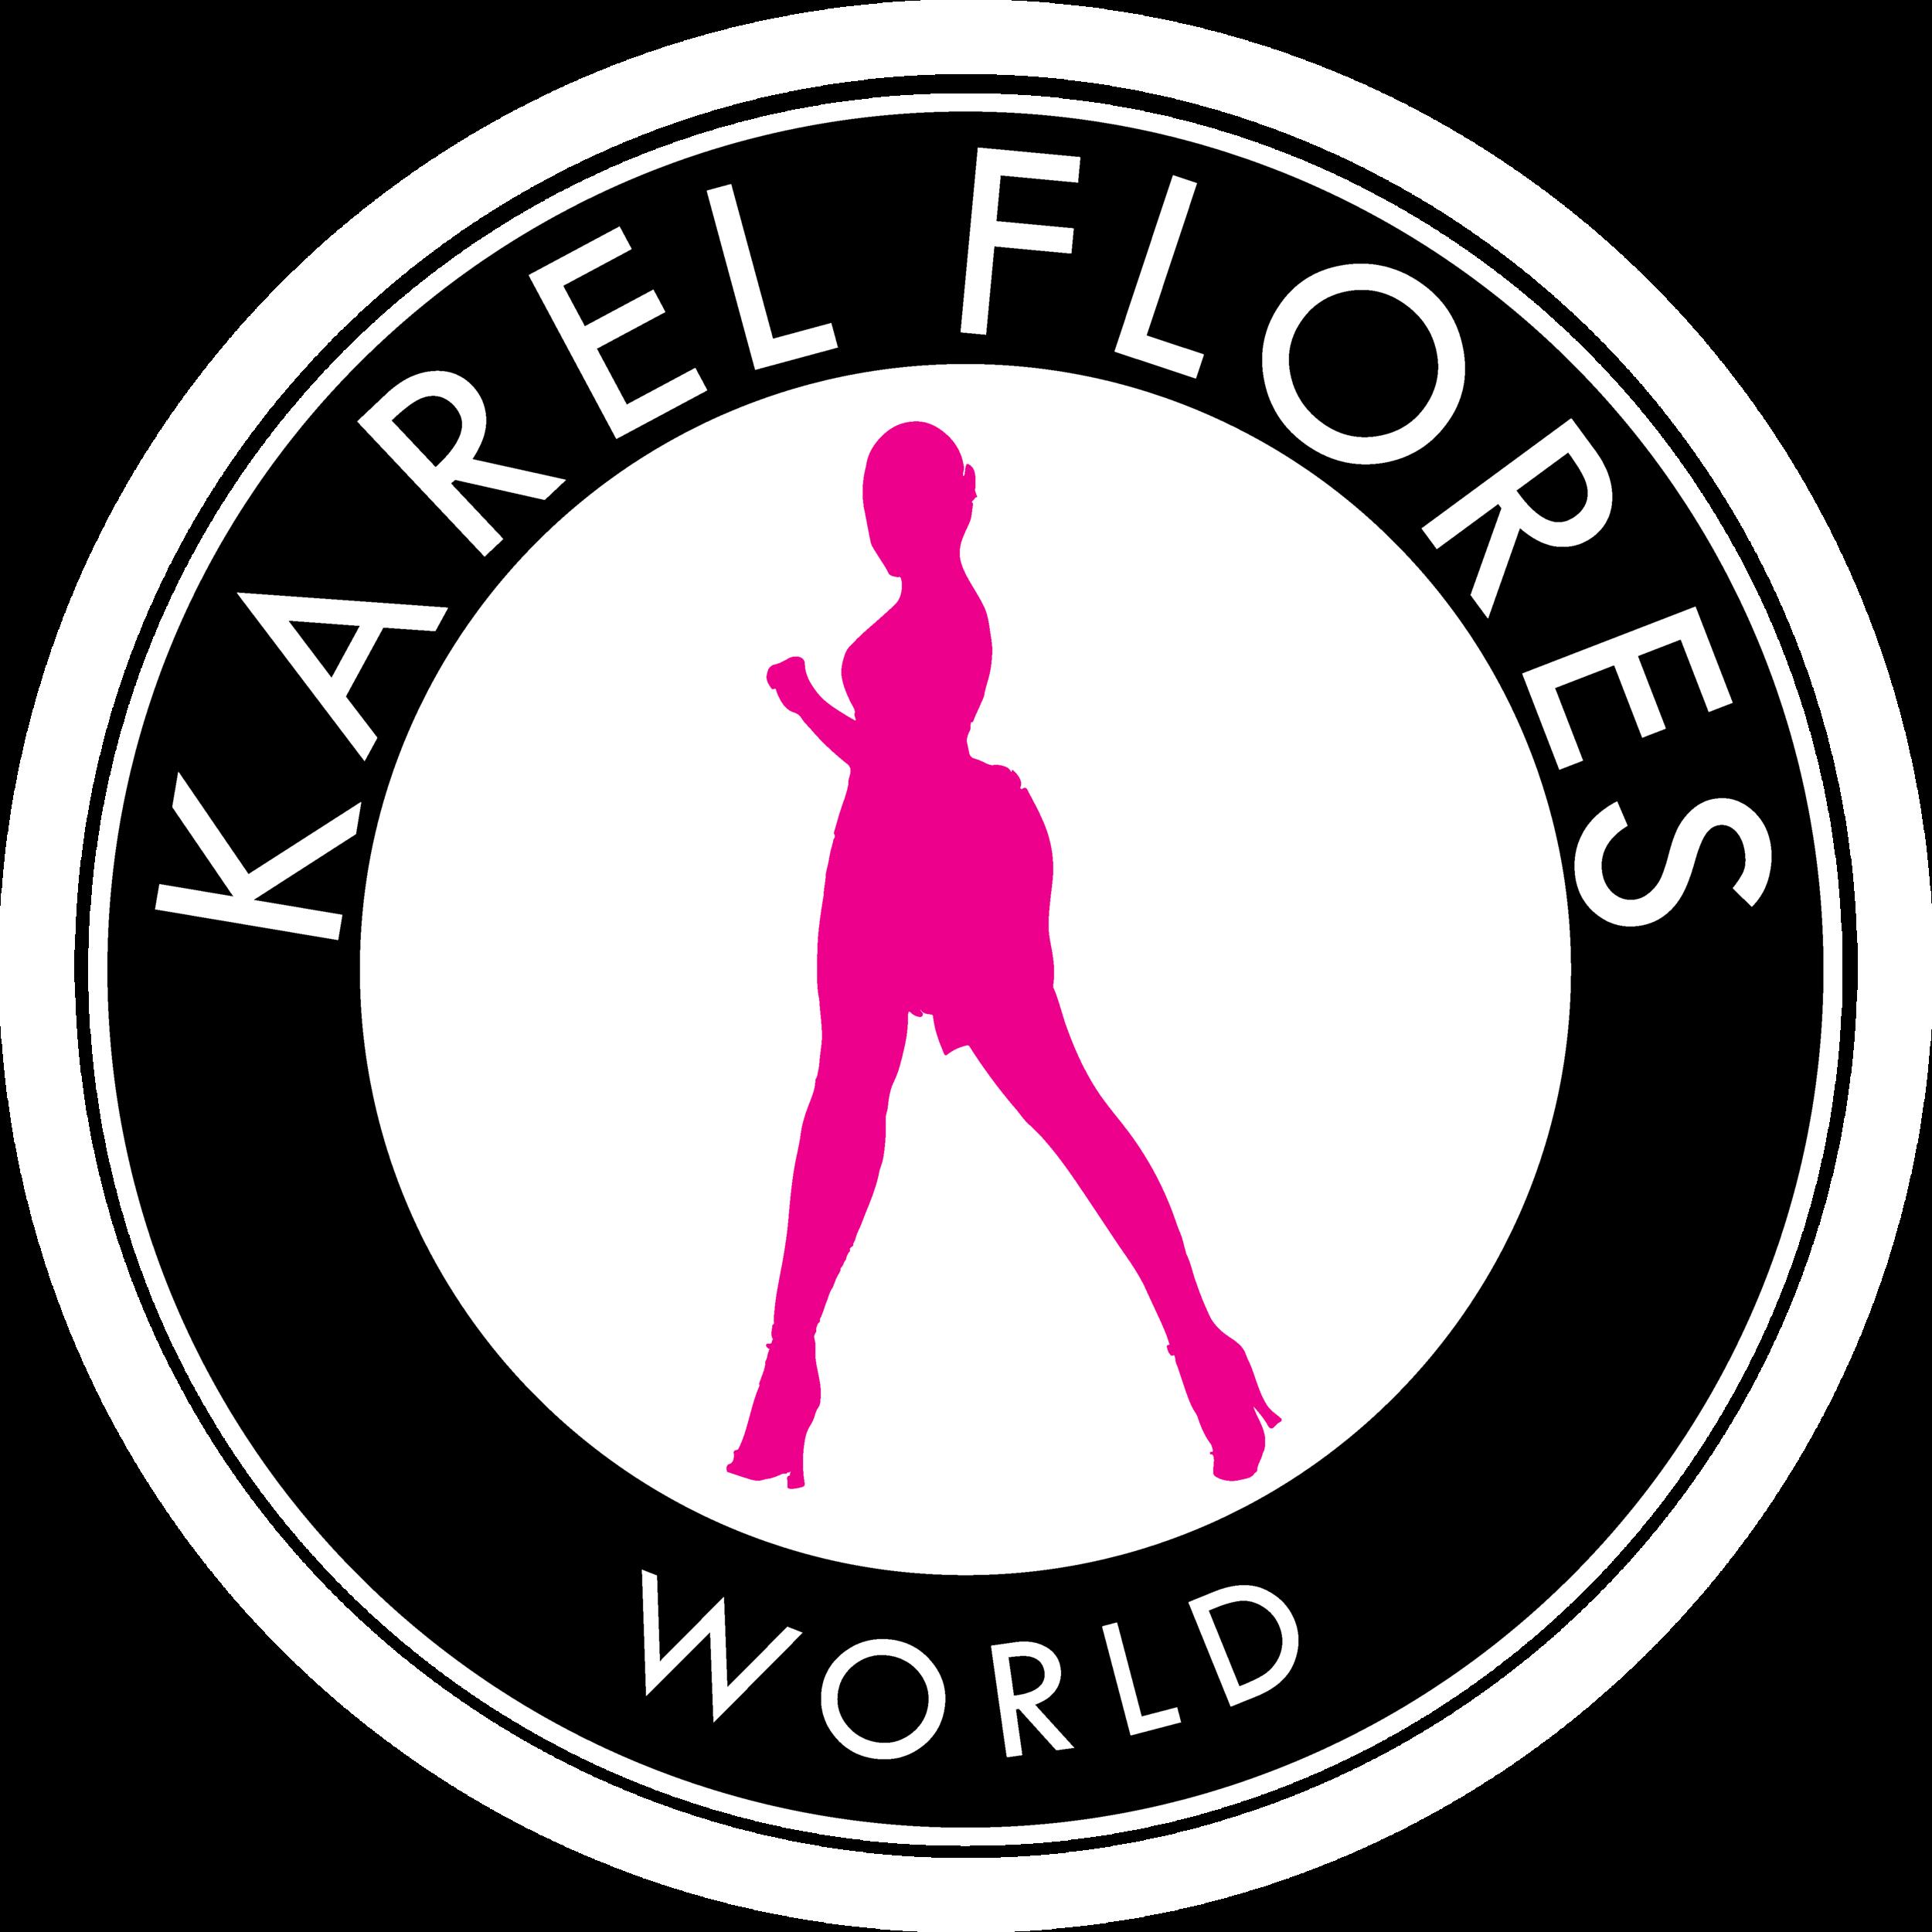 KF+Logo+pink+World+-+BLACK+GROUND.PNG